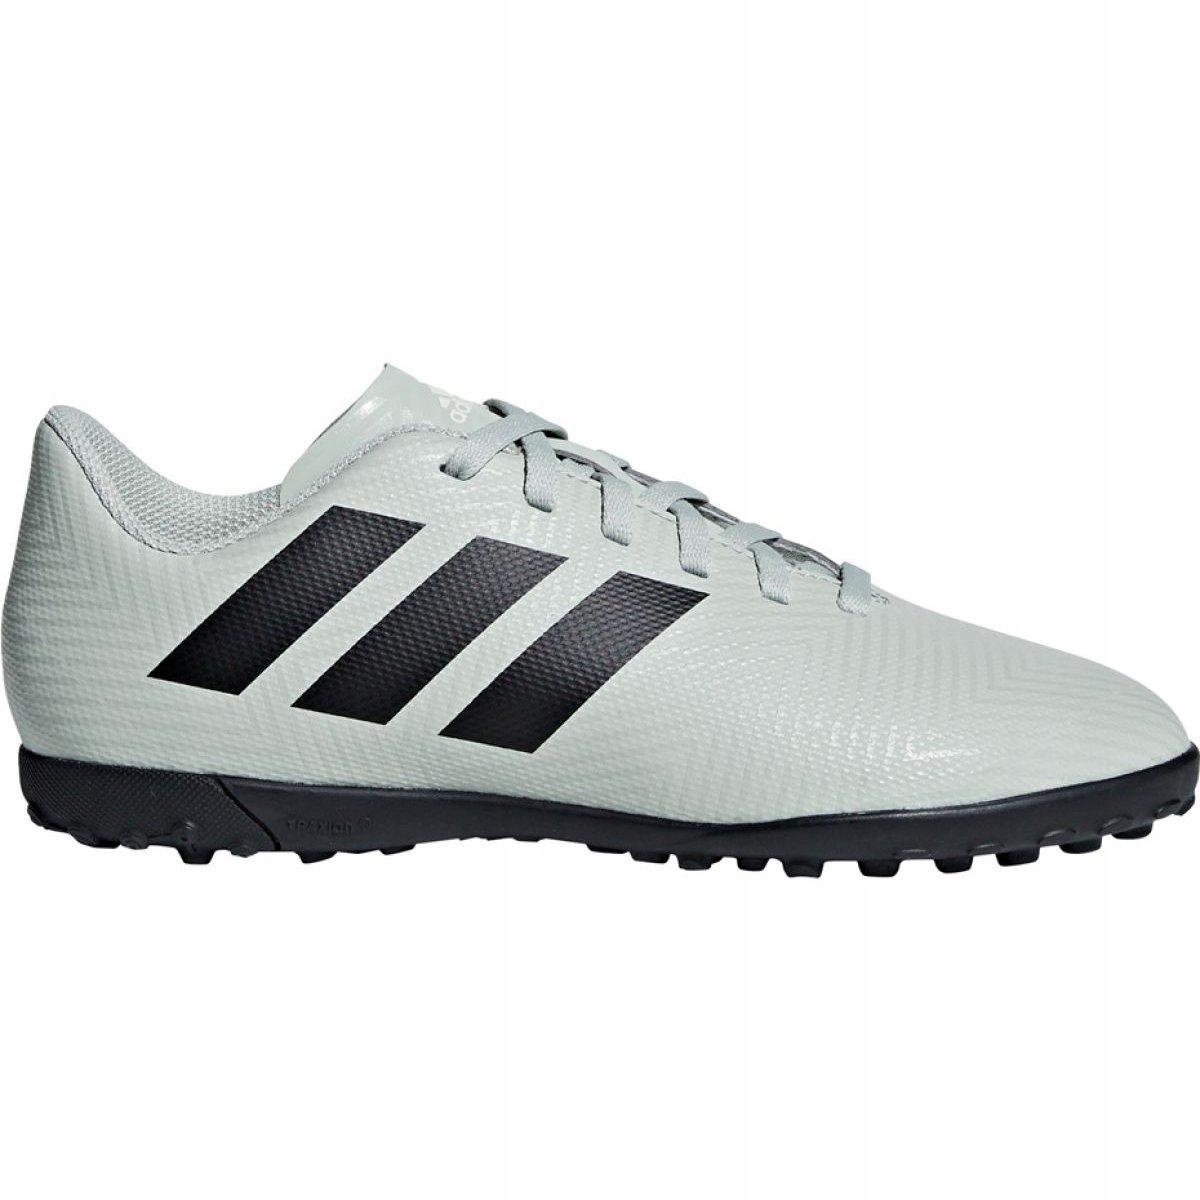 Buty Piłkarskie Chłopięce Adidas Buty Adidas Promocja